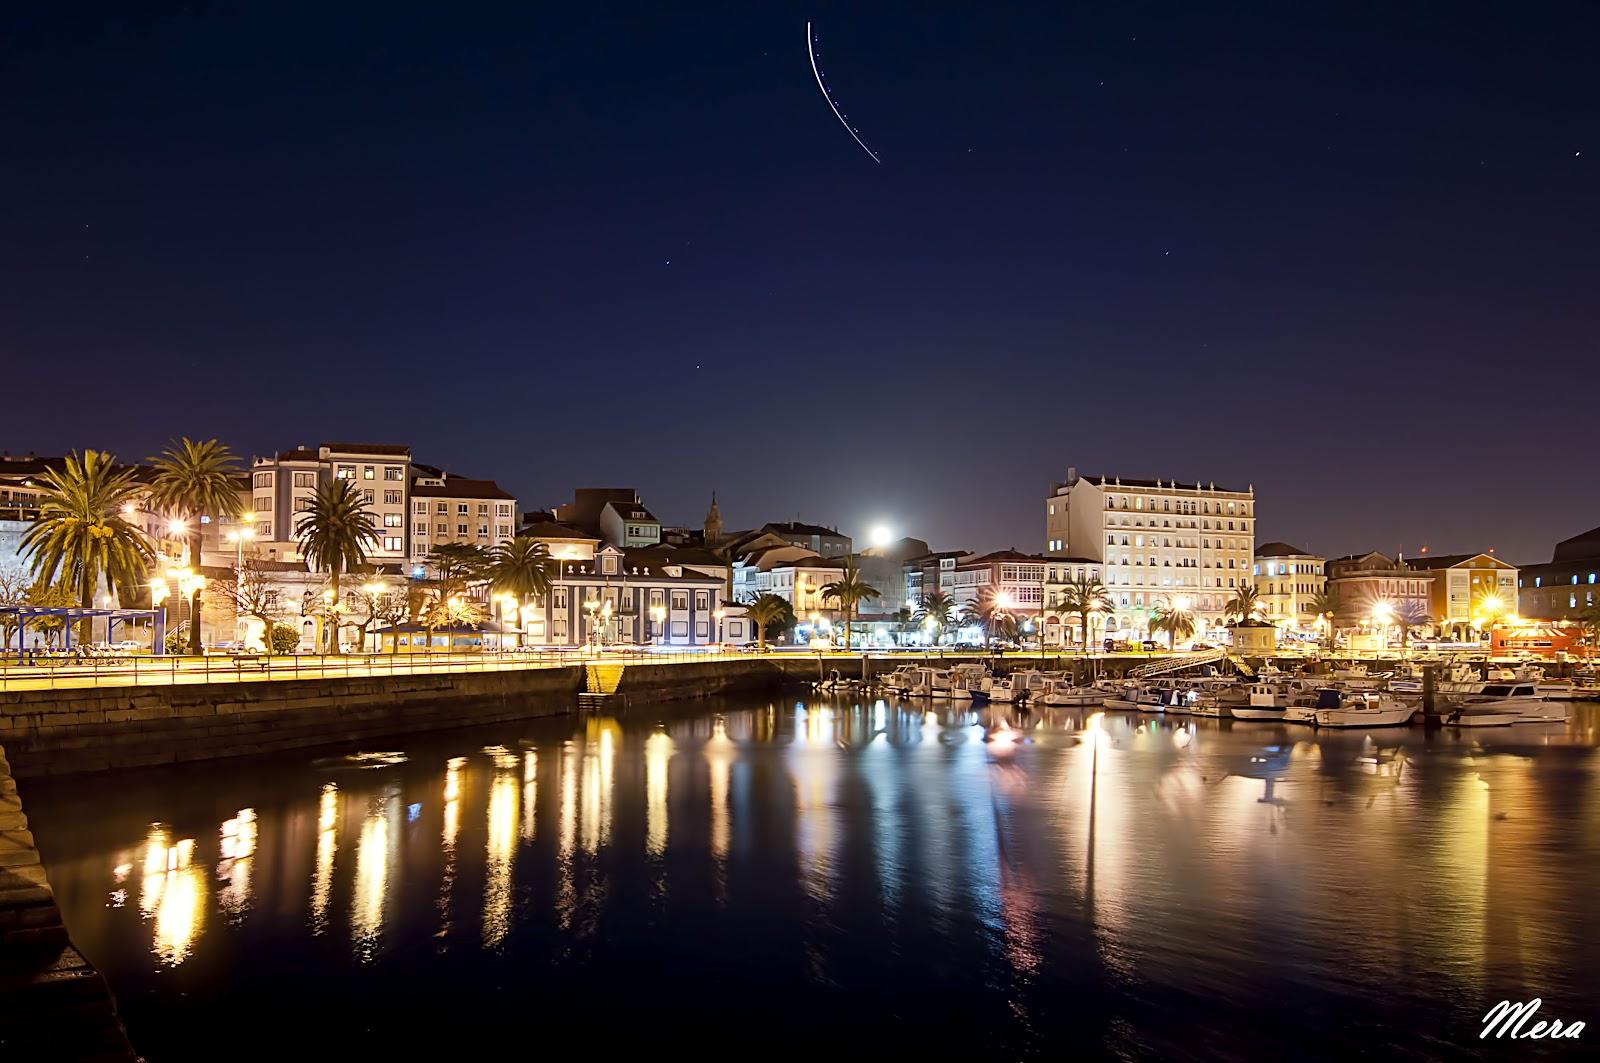 Por+la+noche+en+el+puerto.jpg